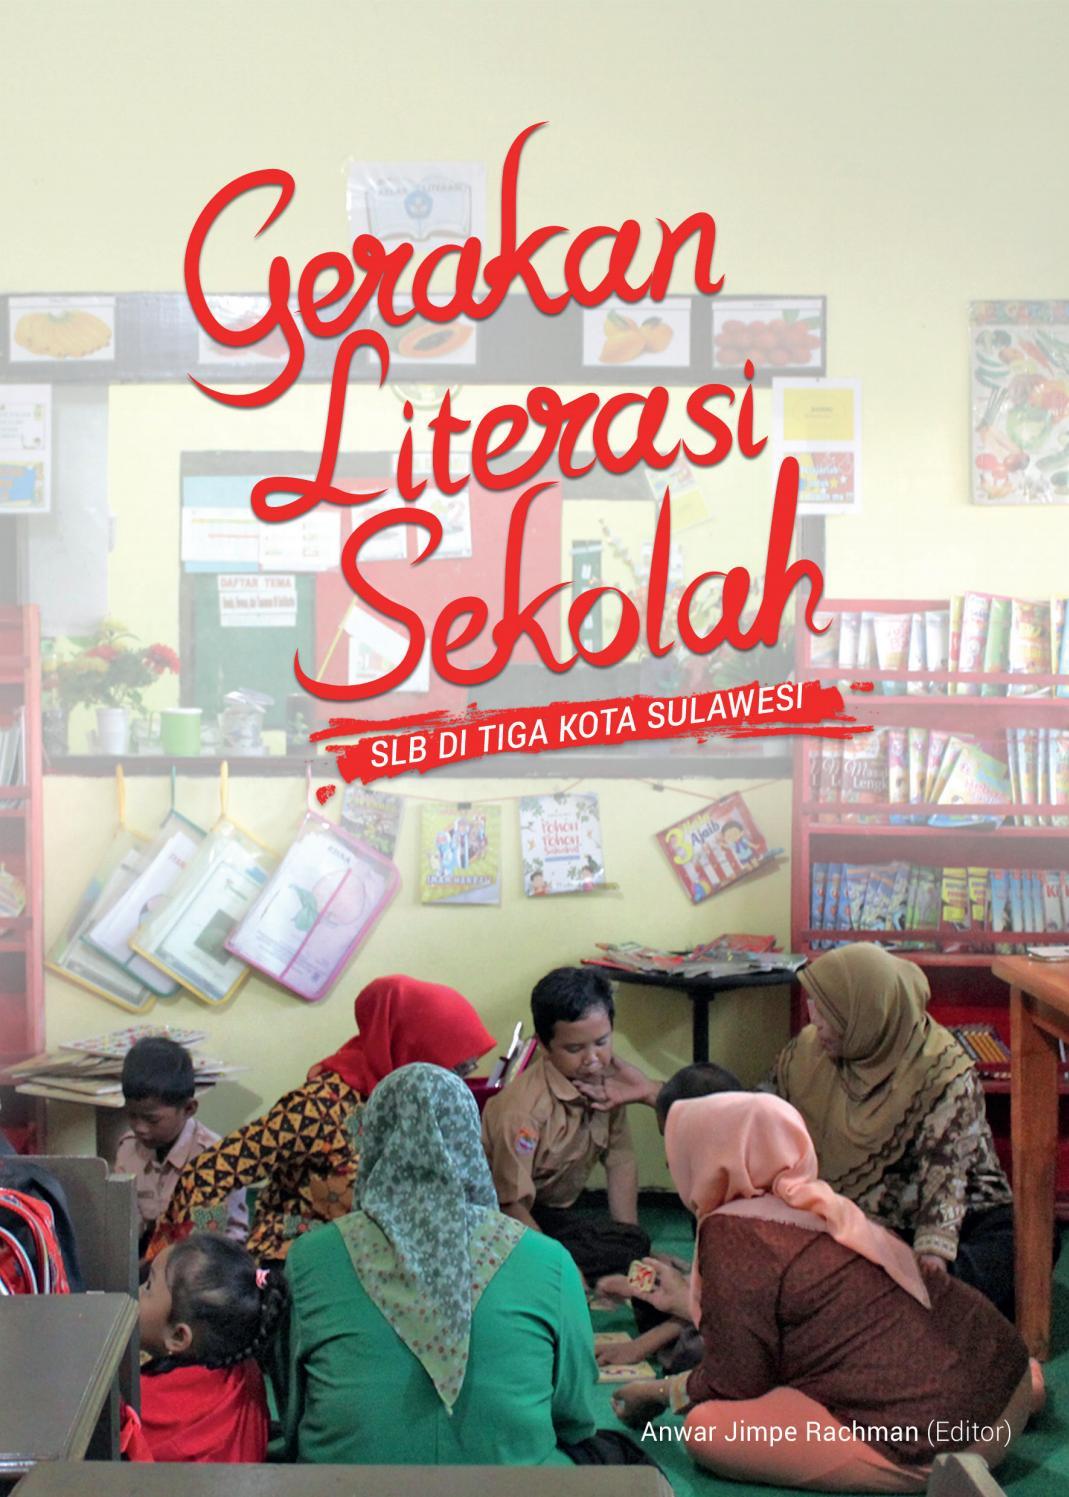 Gerakan Literasi Sekolah Slb Di Tiga Kota Sulawesi By Tanahindie